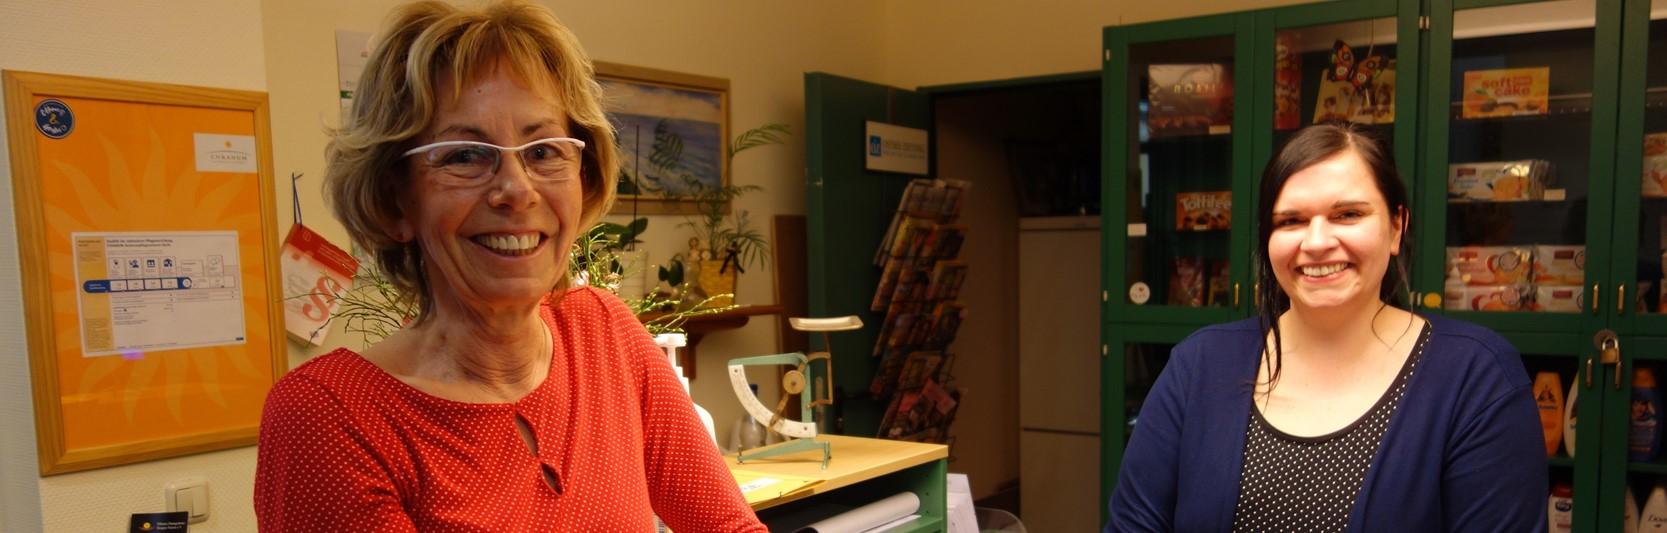 Newsartikel:Seit 42 Jahren ein Herz für die Pflege